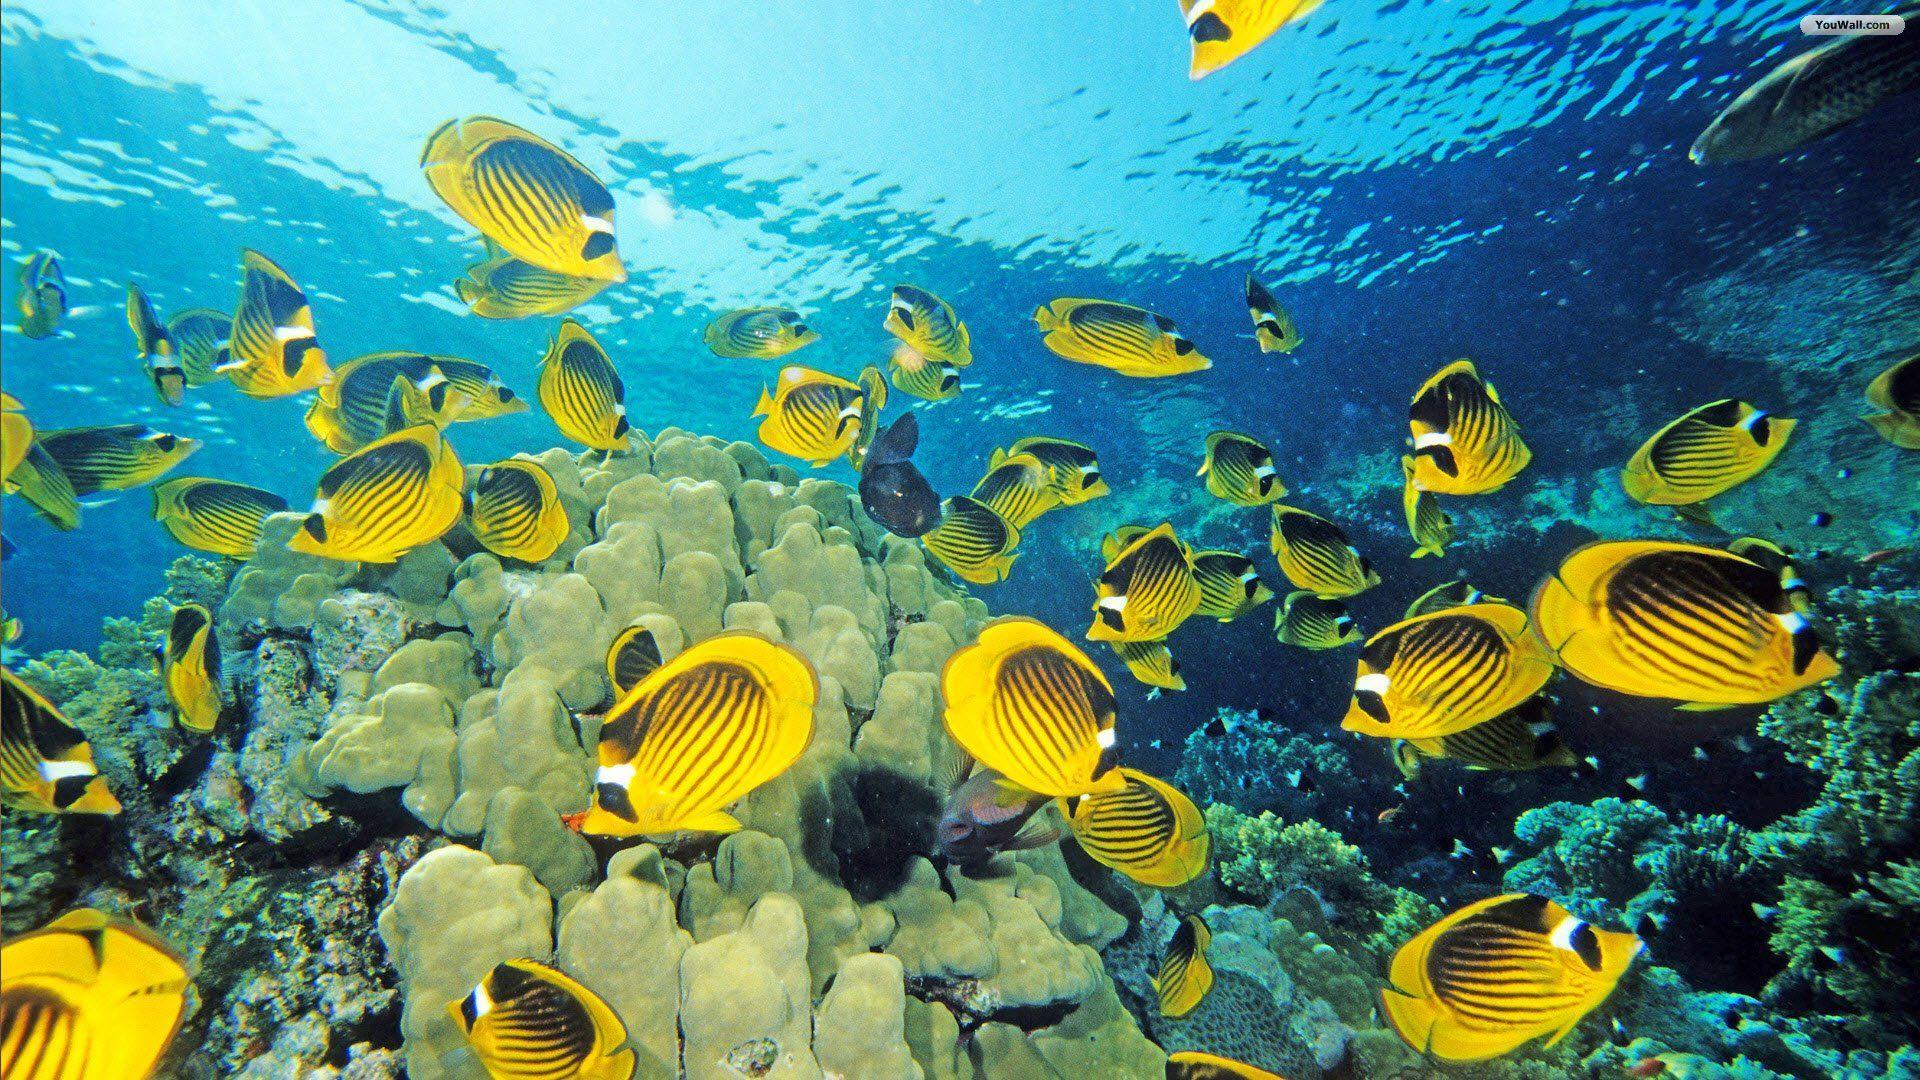 наиболее экстремальных живые прикольные обои на смартфон море океан площадки водных горок